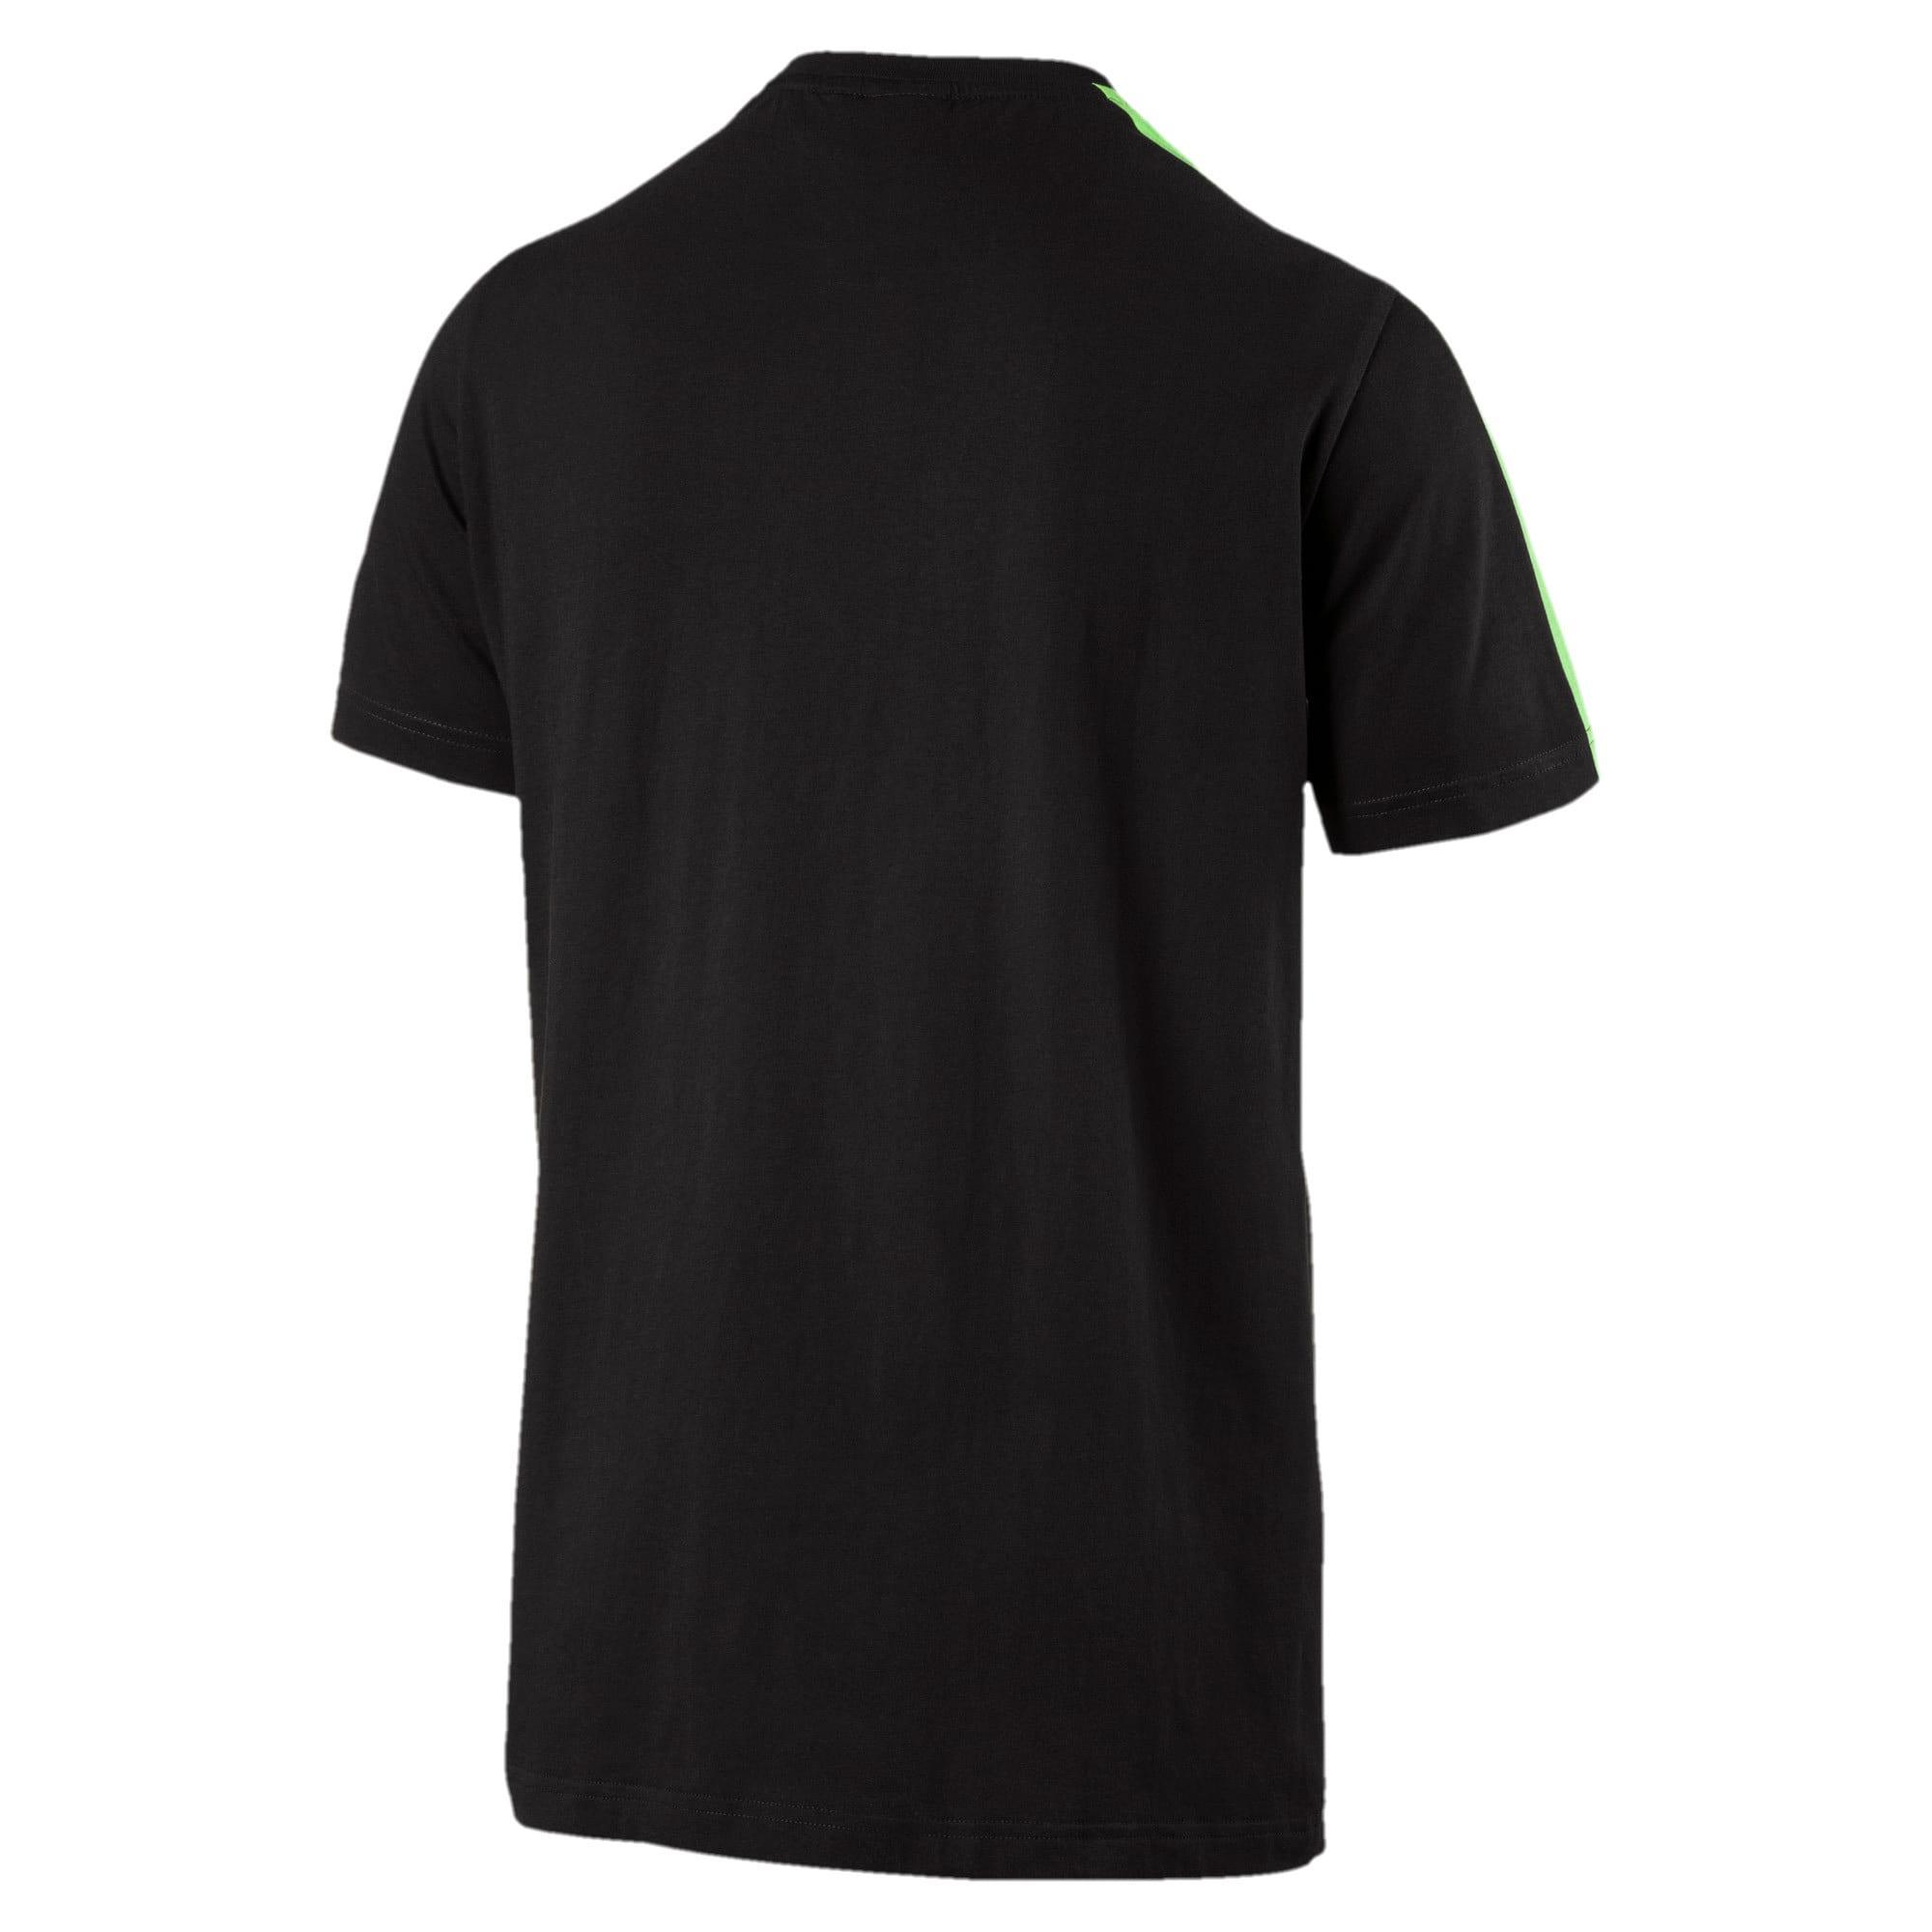 Thumbnail 2 of T7 Spezial Men's T-Shirt, Cotton Black, medium-IND